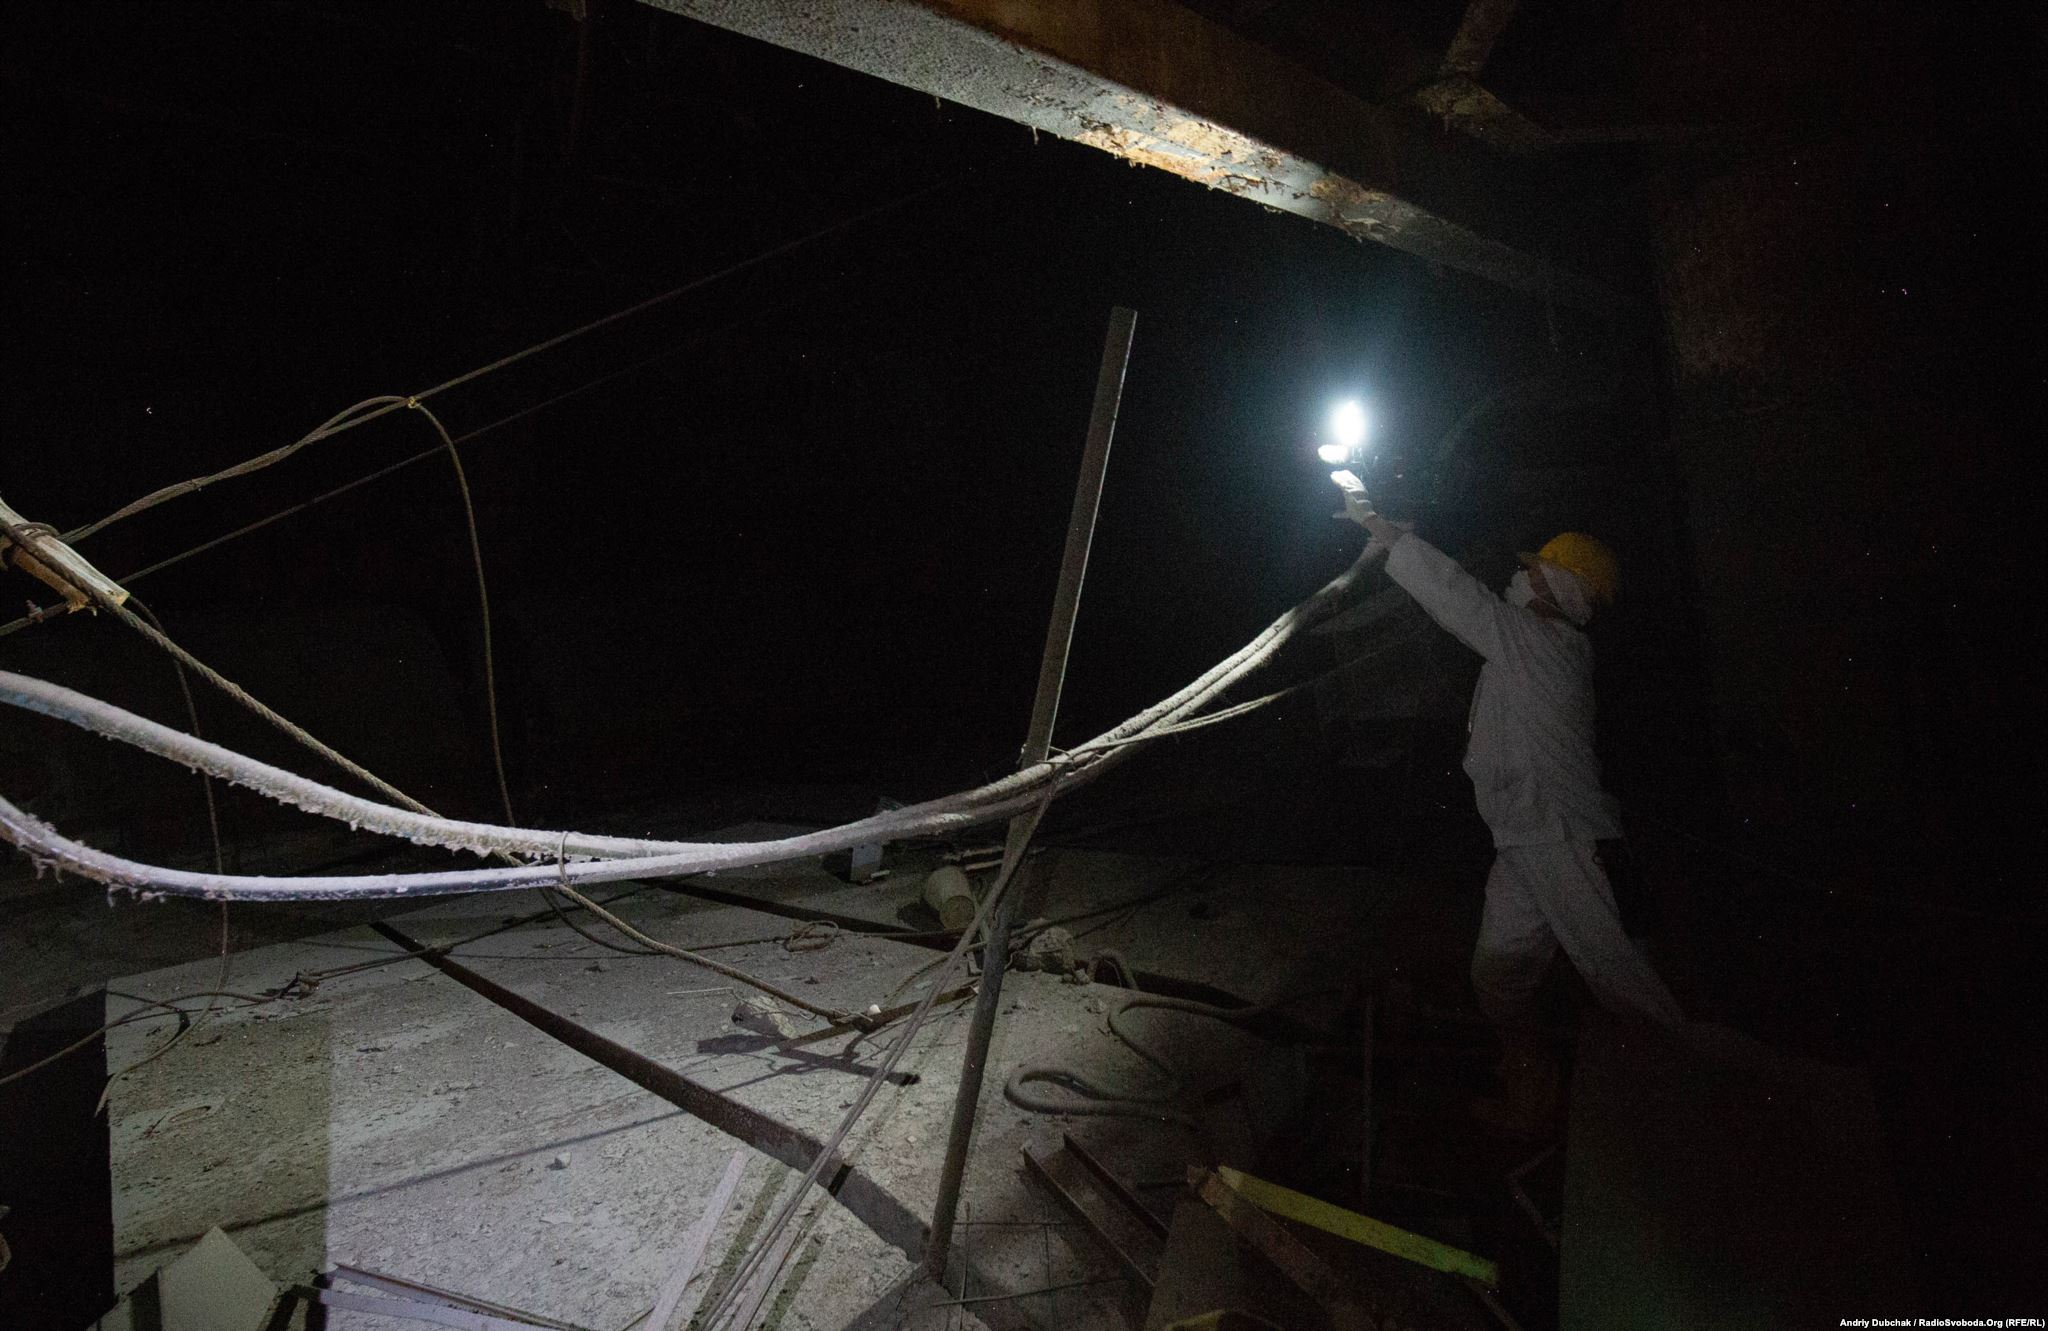 Об'єкт «Укриття», сьома турбіна машзалу ЧАЕС. Оператор 30 секунд працює в умовах високої радіації (Photographer: Andriy Dubchak)